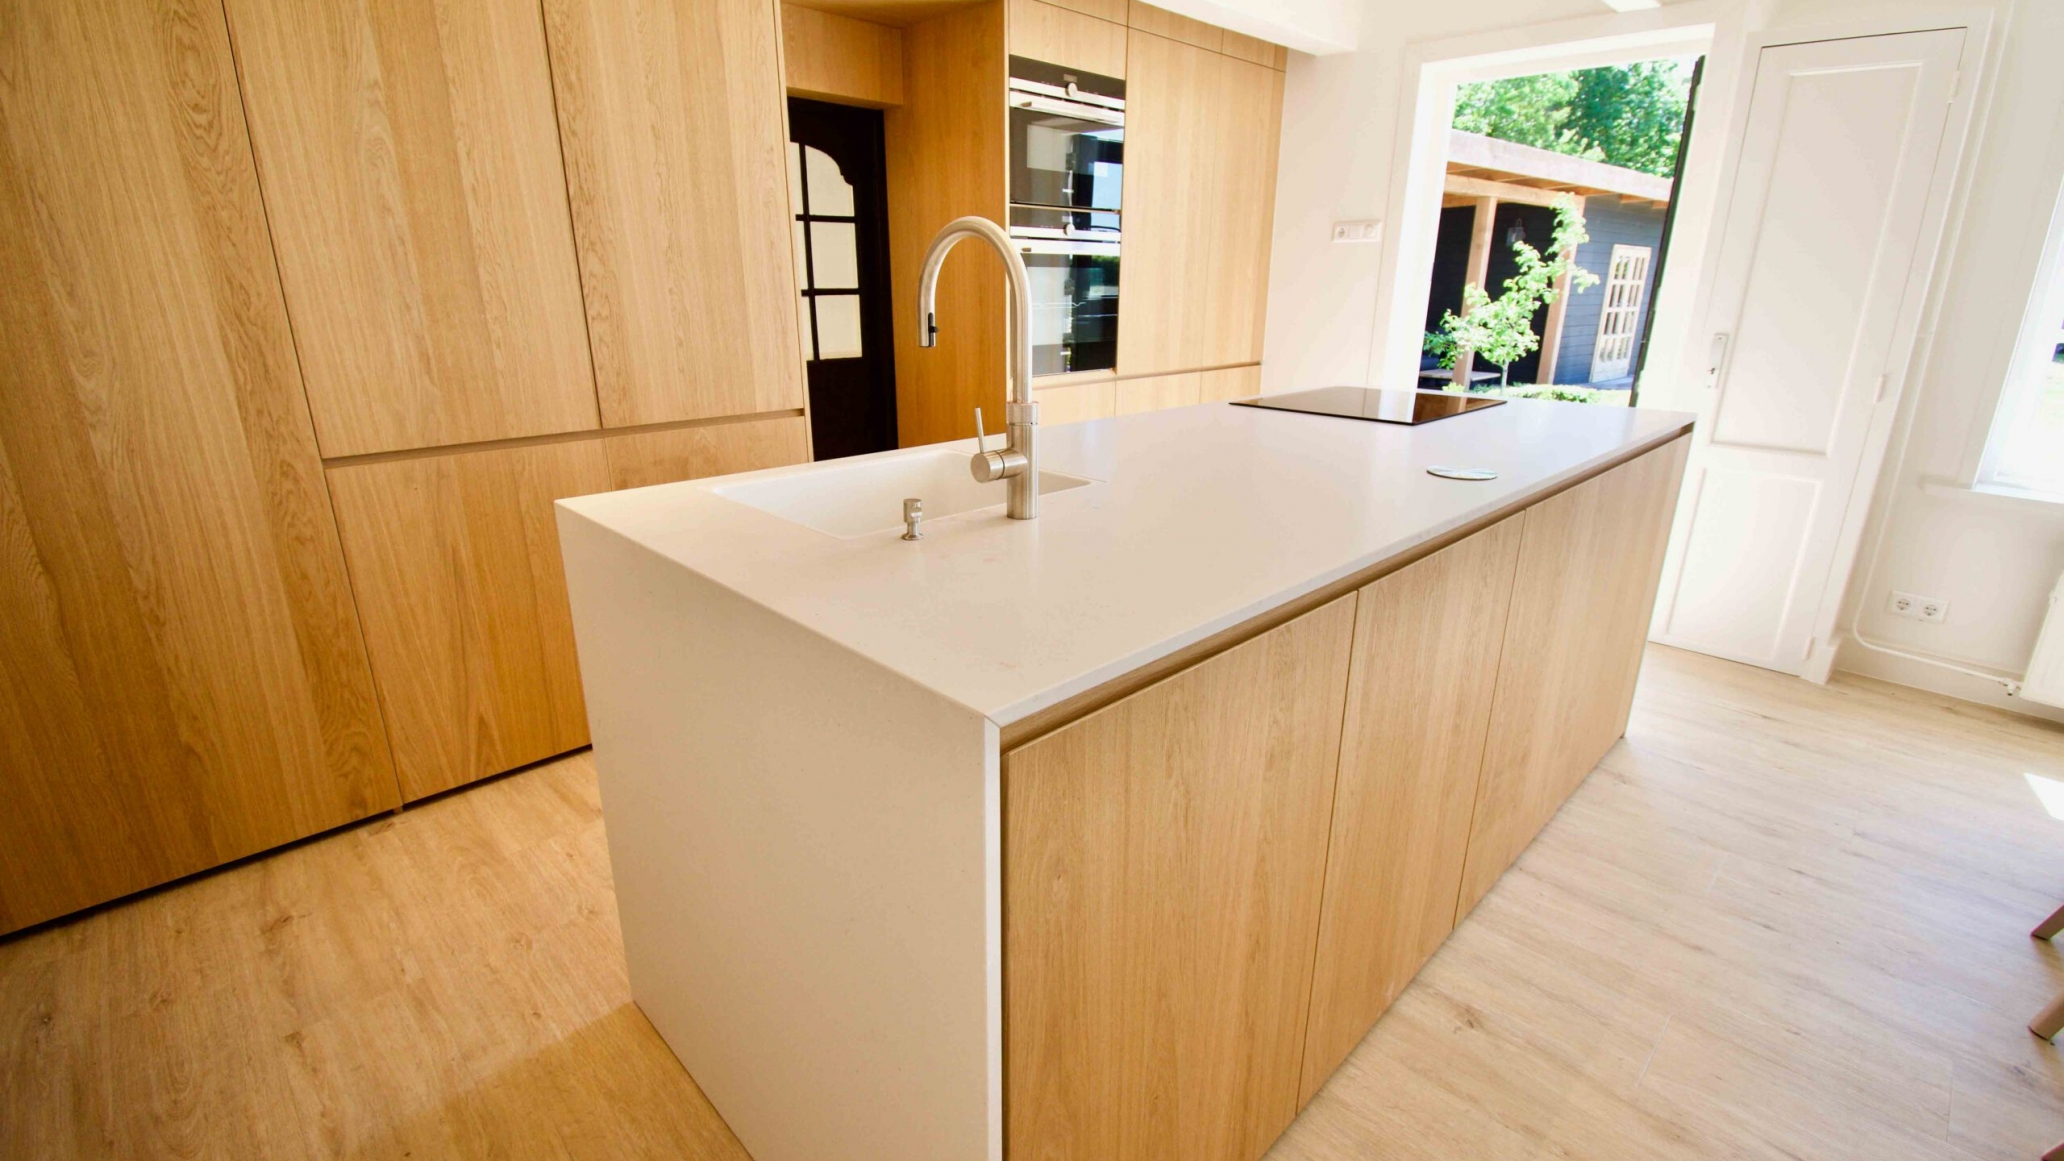 Keukens Op Maat De Jong Interieurbouw